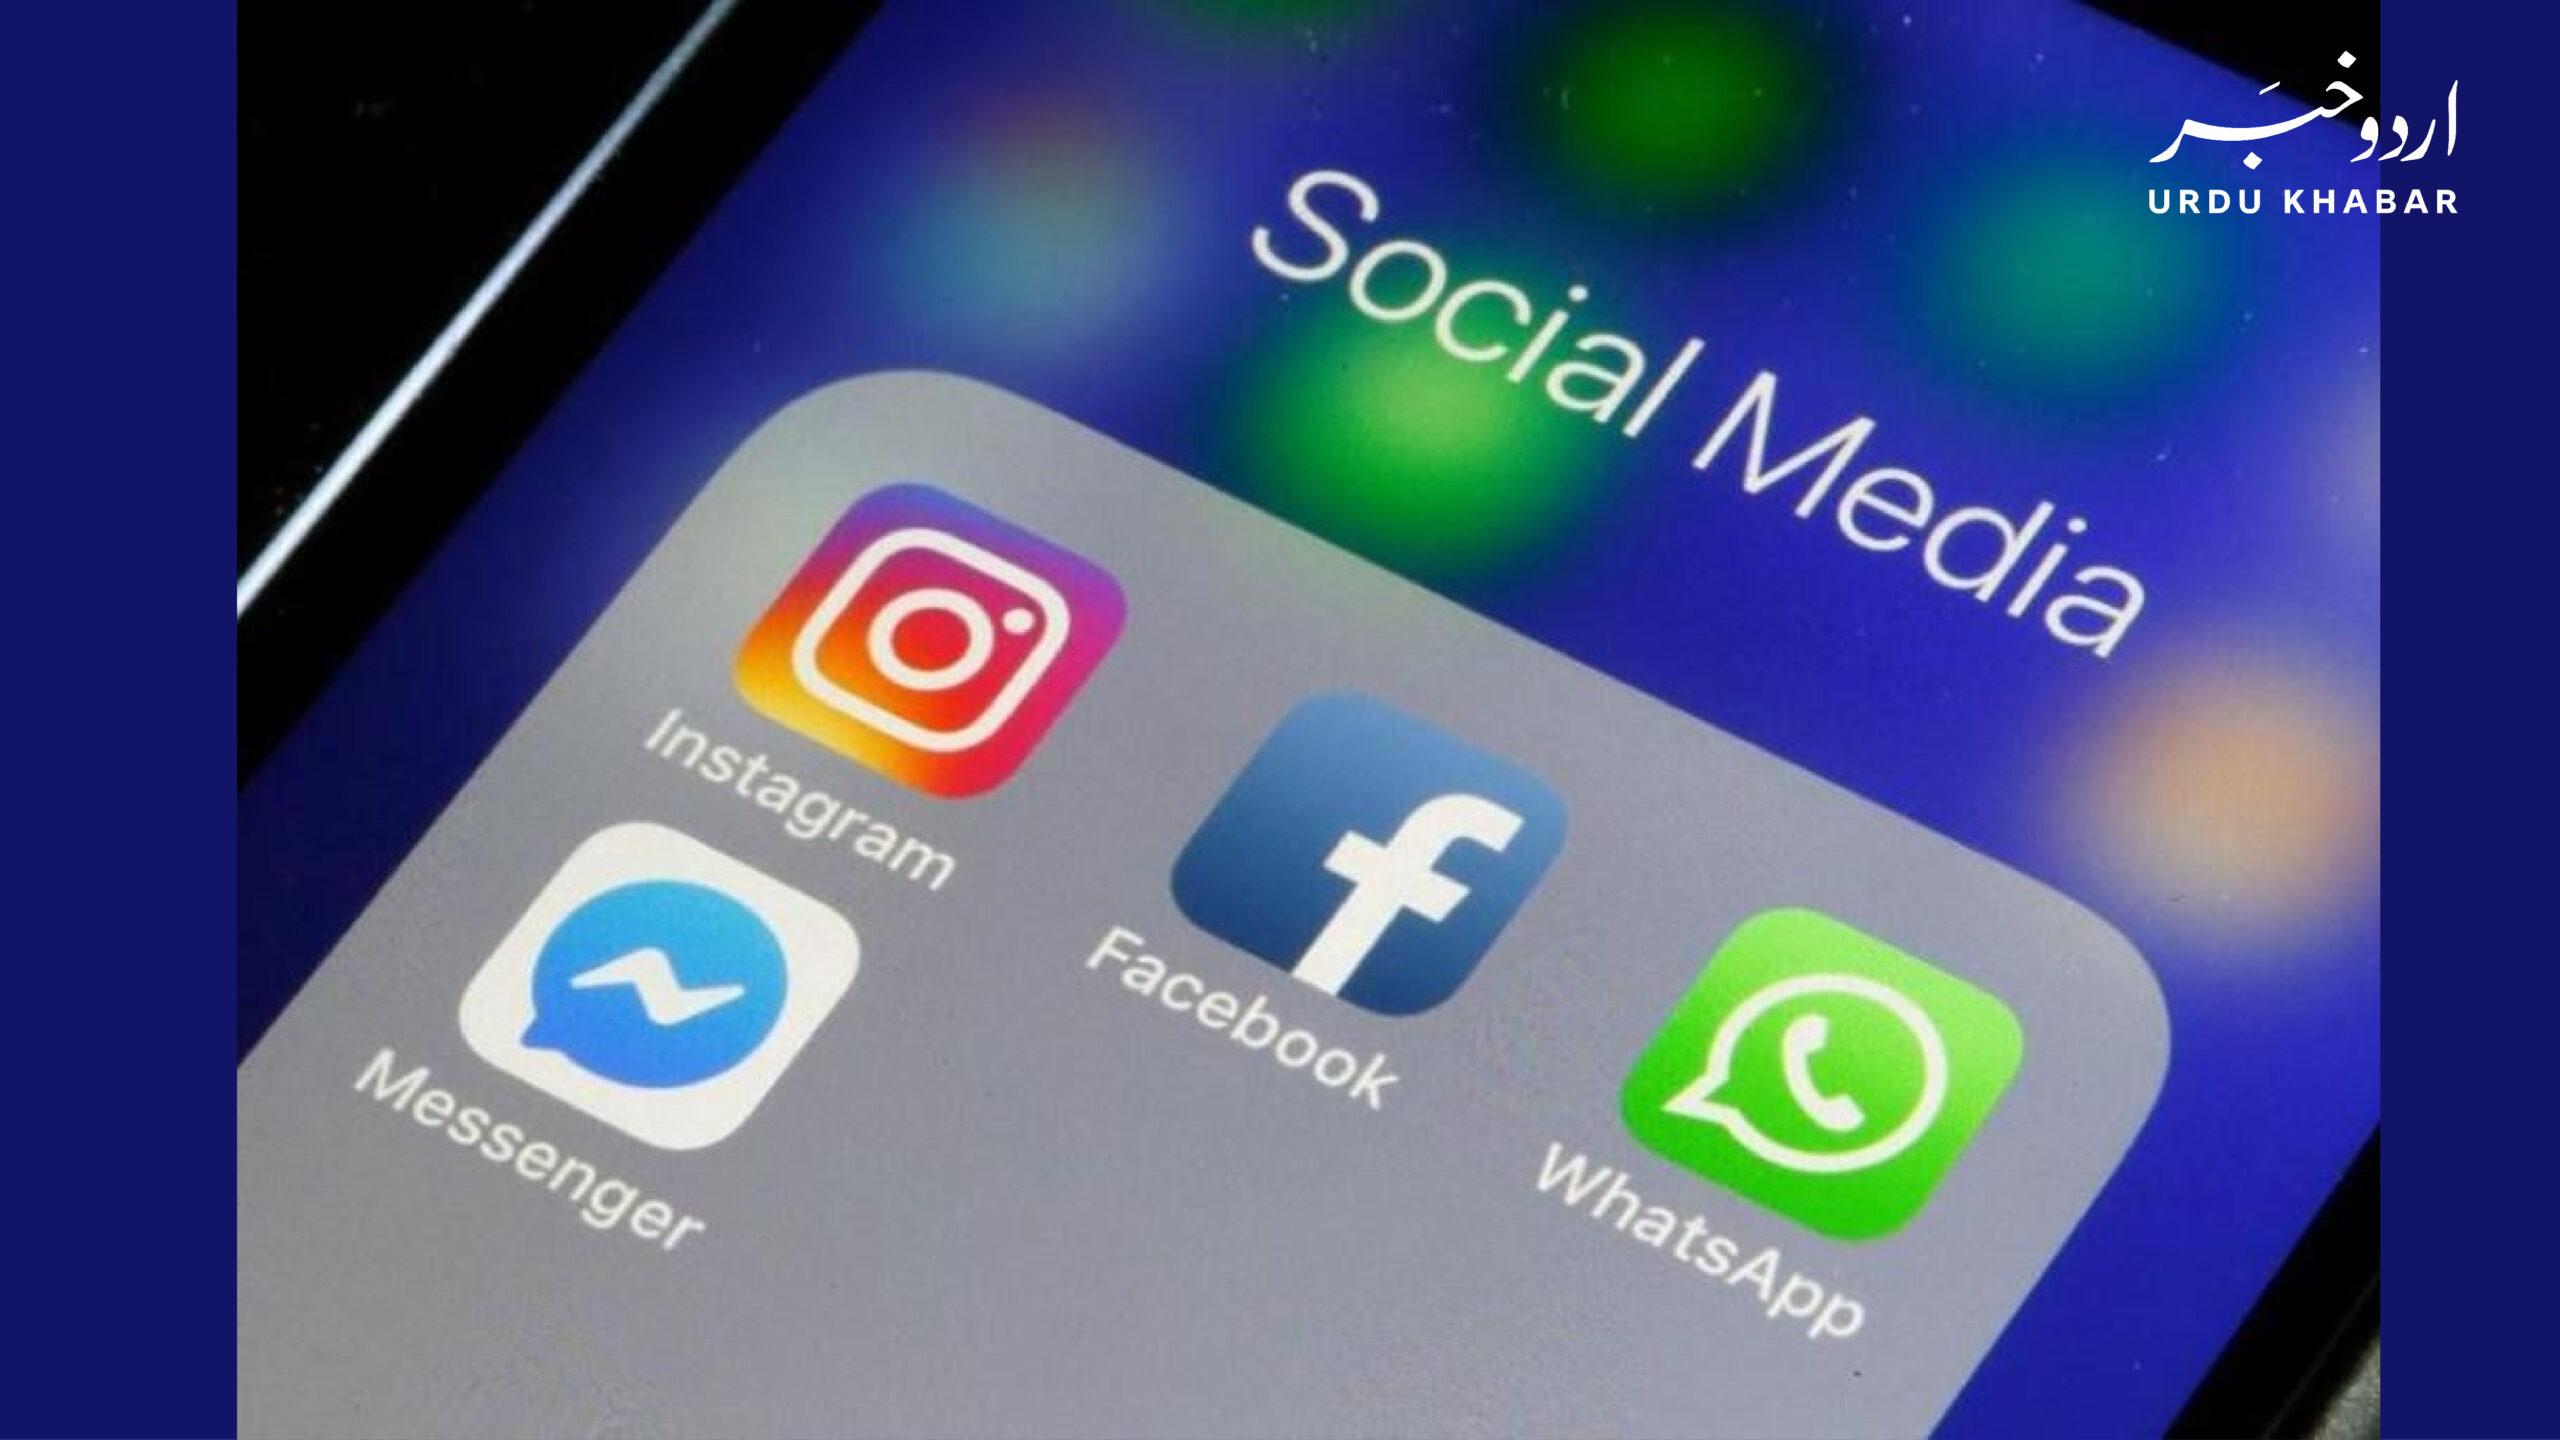 واٹس ایپ میں خرابی کی وجہ ٹیکنیکل ایشو تھی، فیسبک کی وضاحت